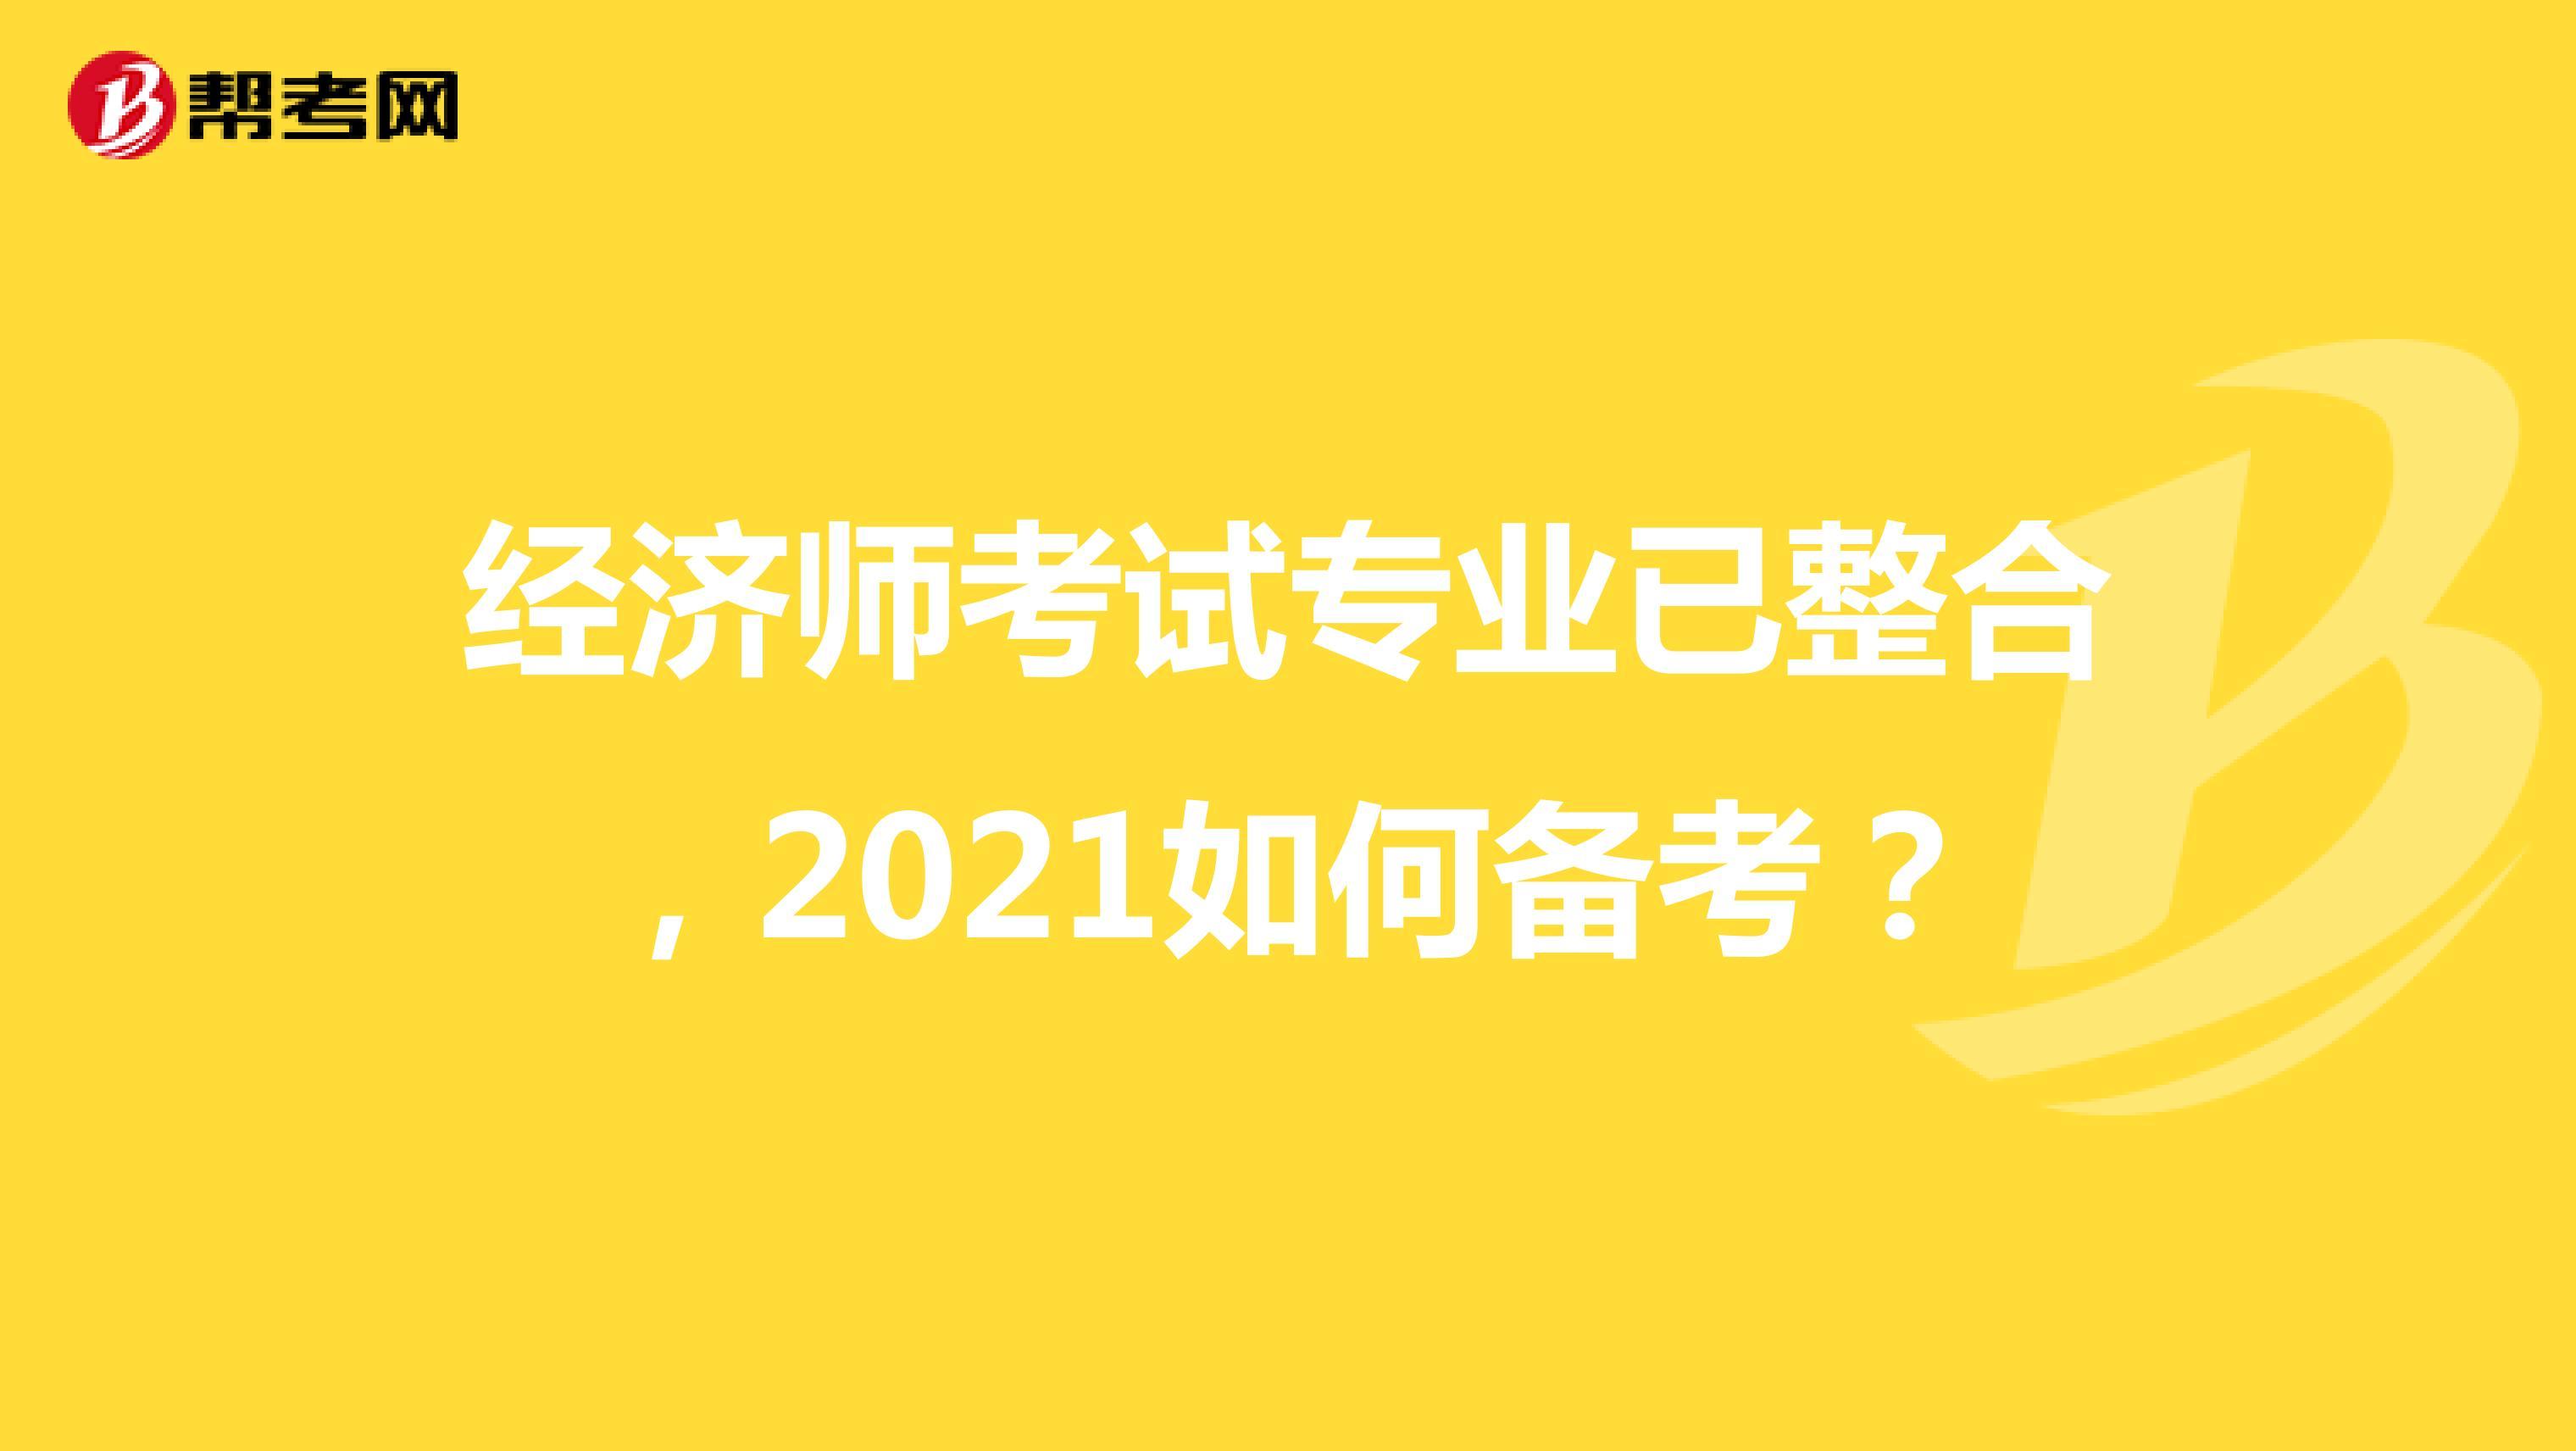 经济师考试专业已整合,2021如何备考?